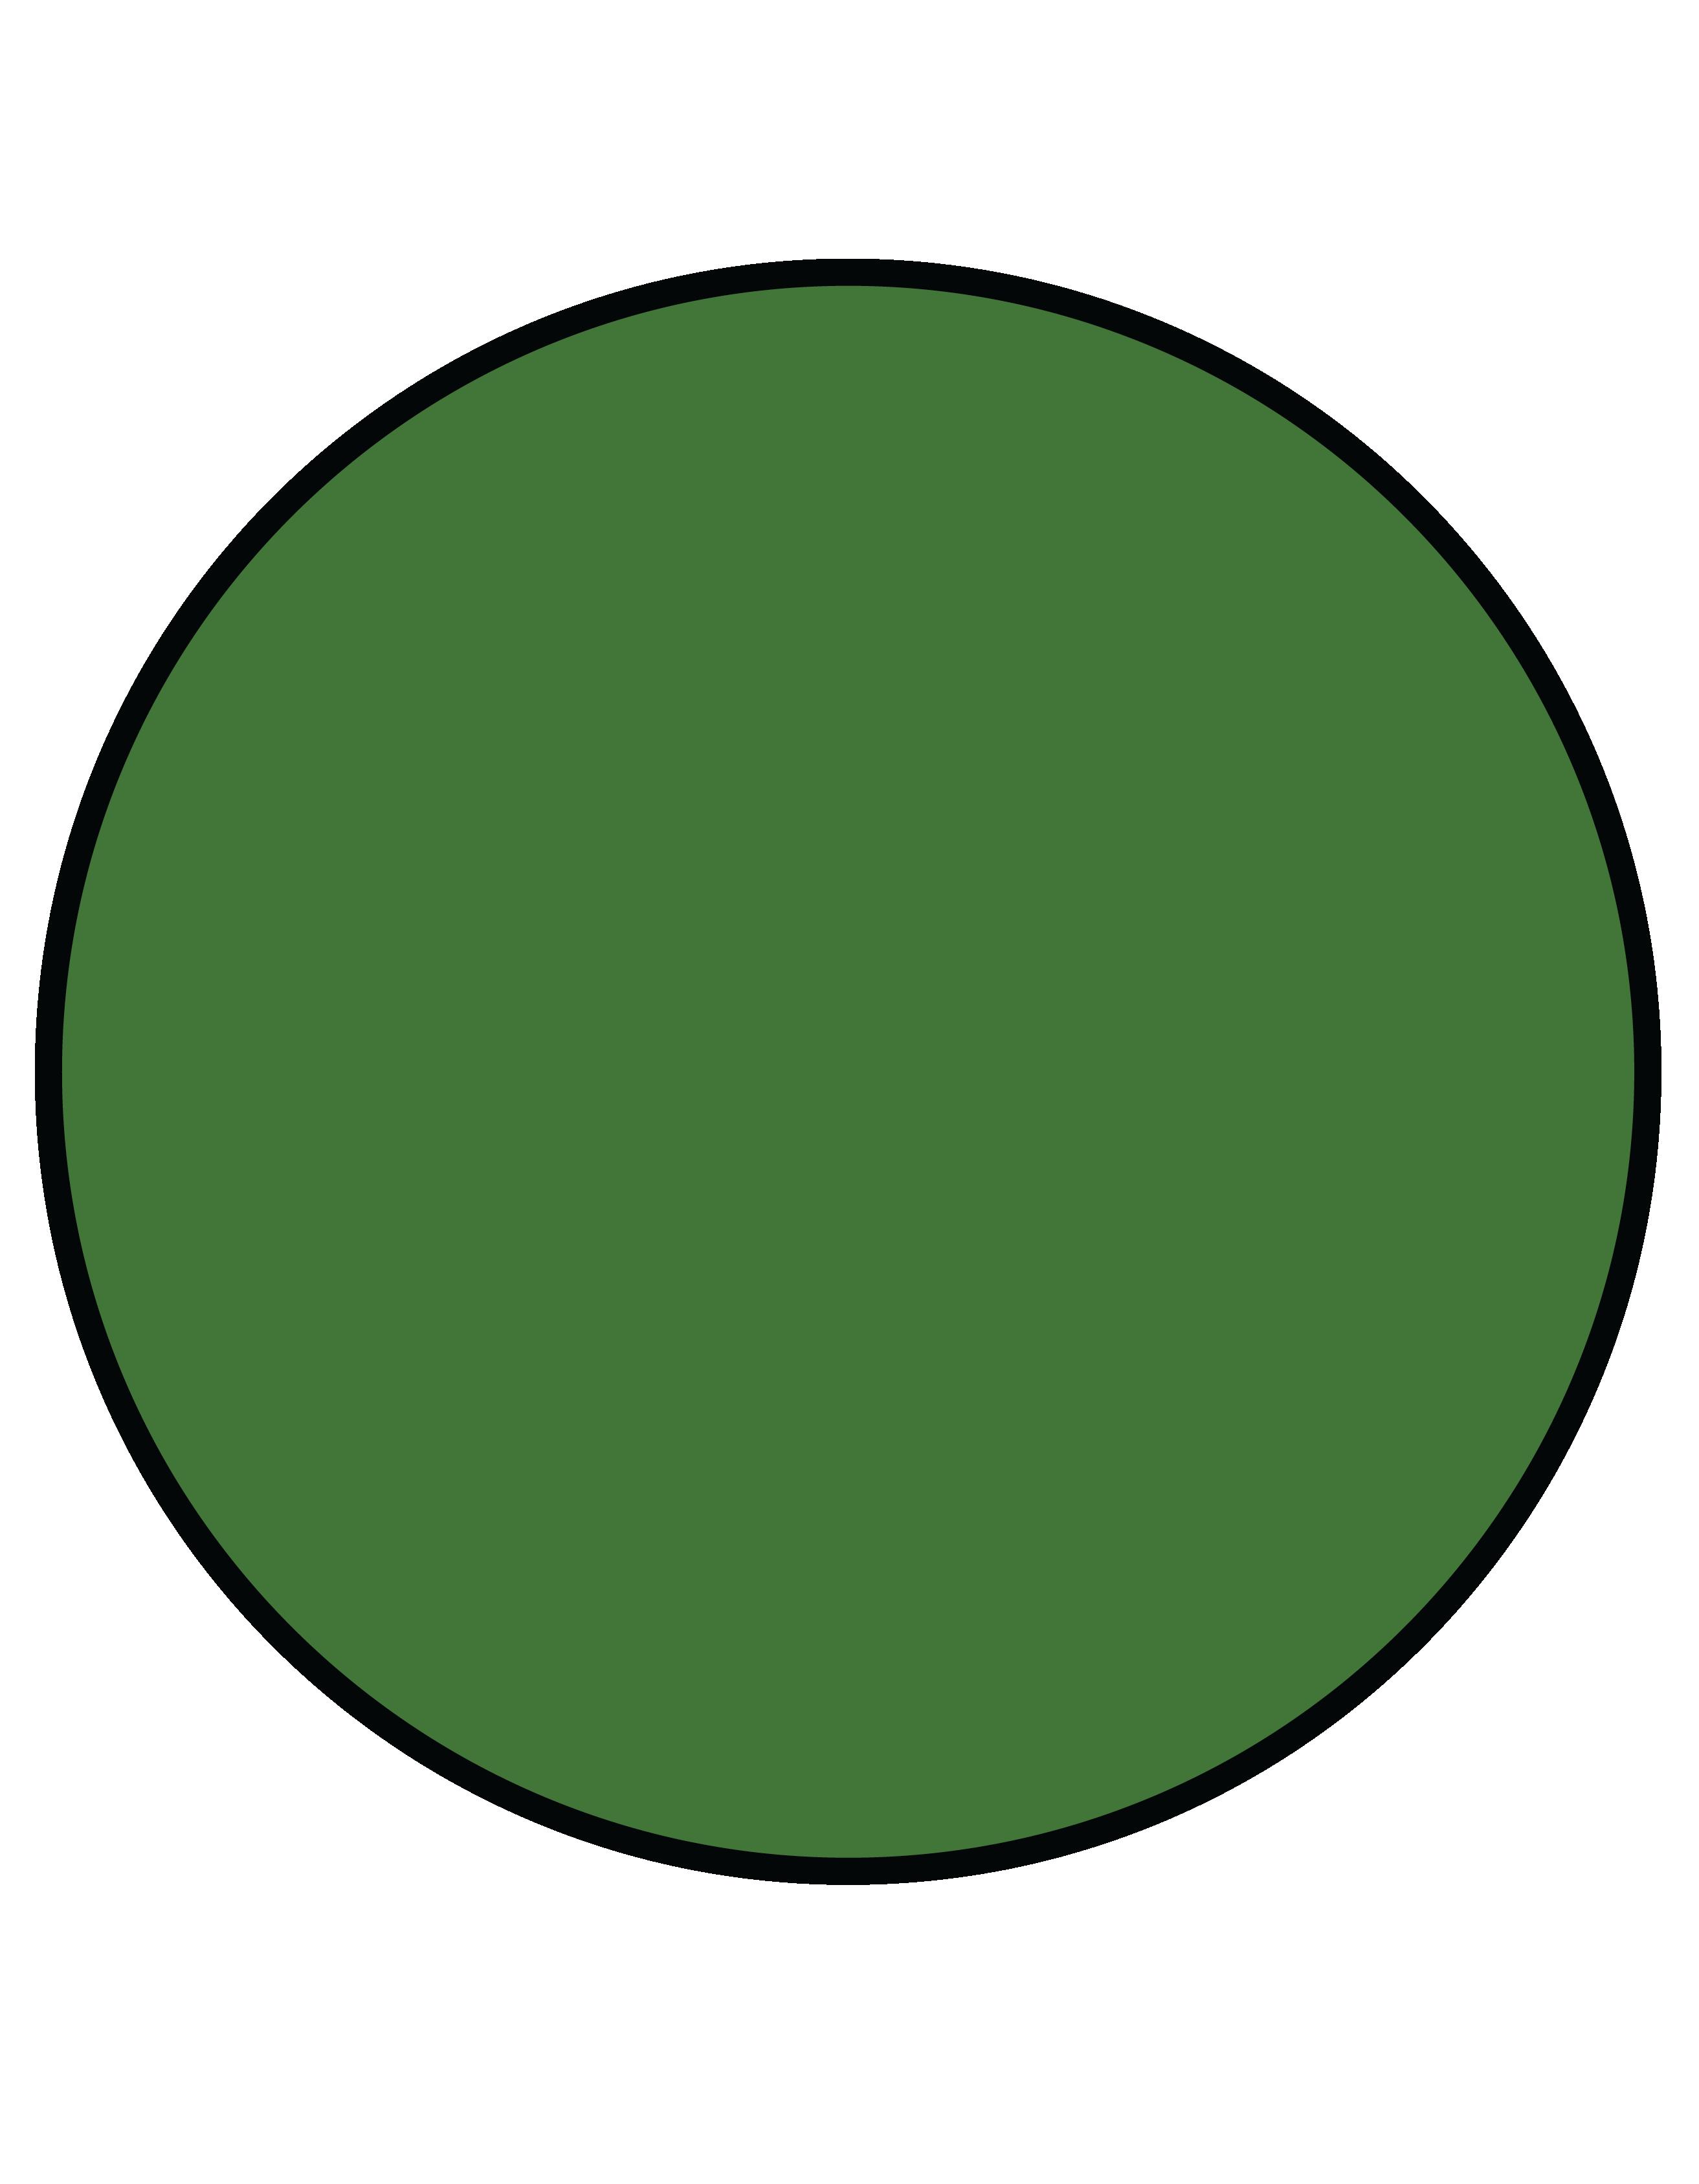 BlackOutline-01-1.png